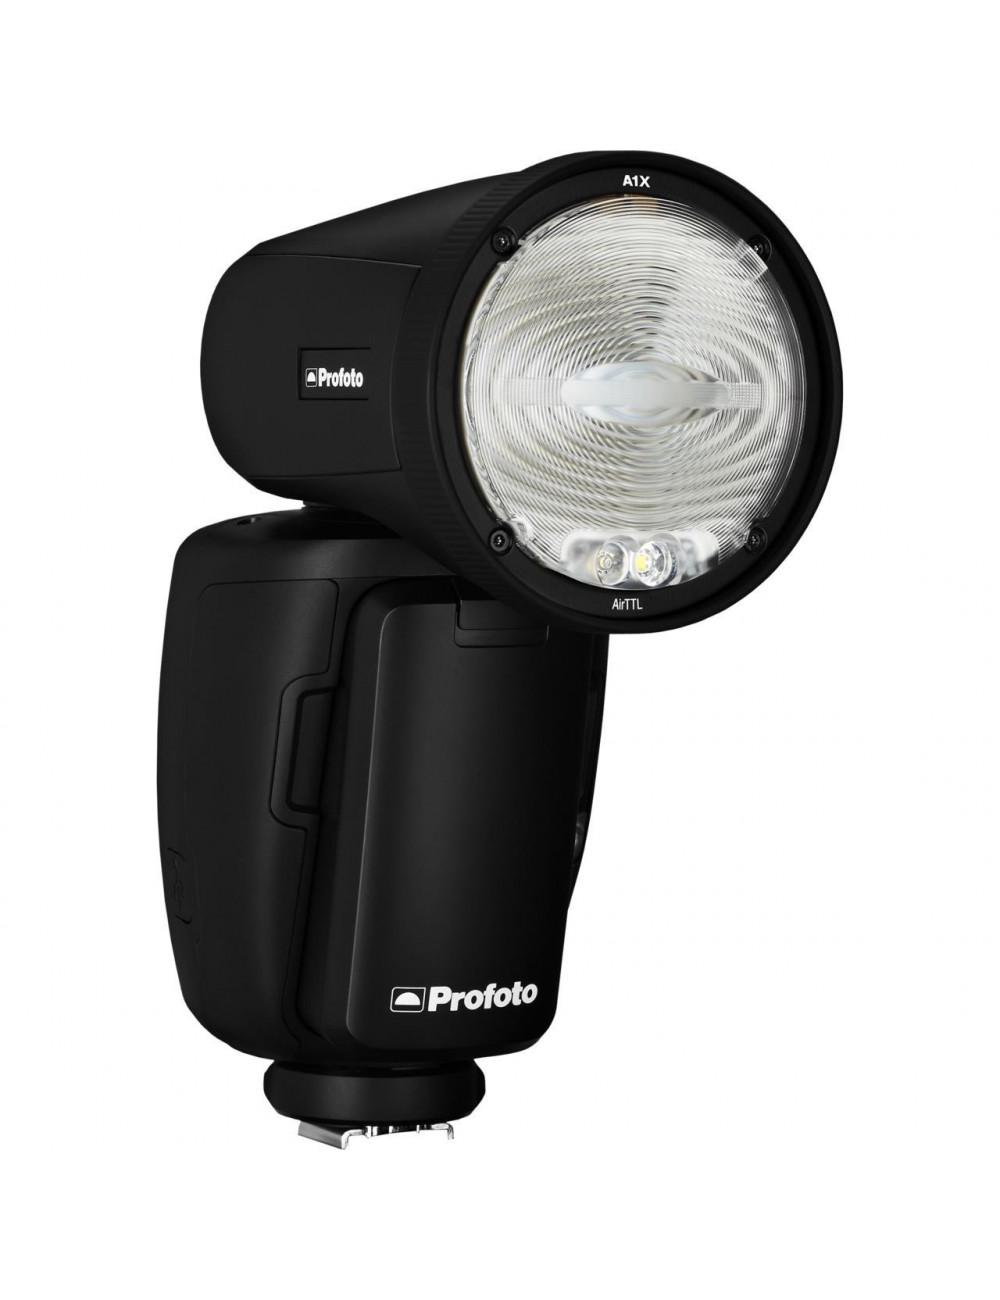 Pinza para sostener reflectores en trípode de iluminación en Chile www.apertura.cl